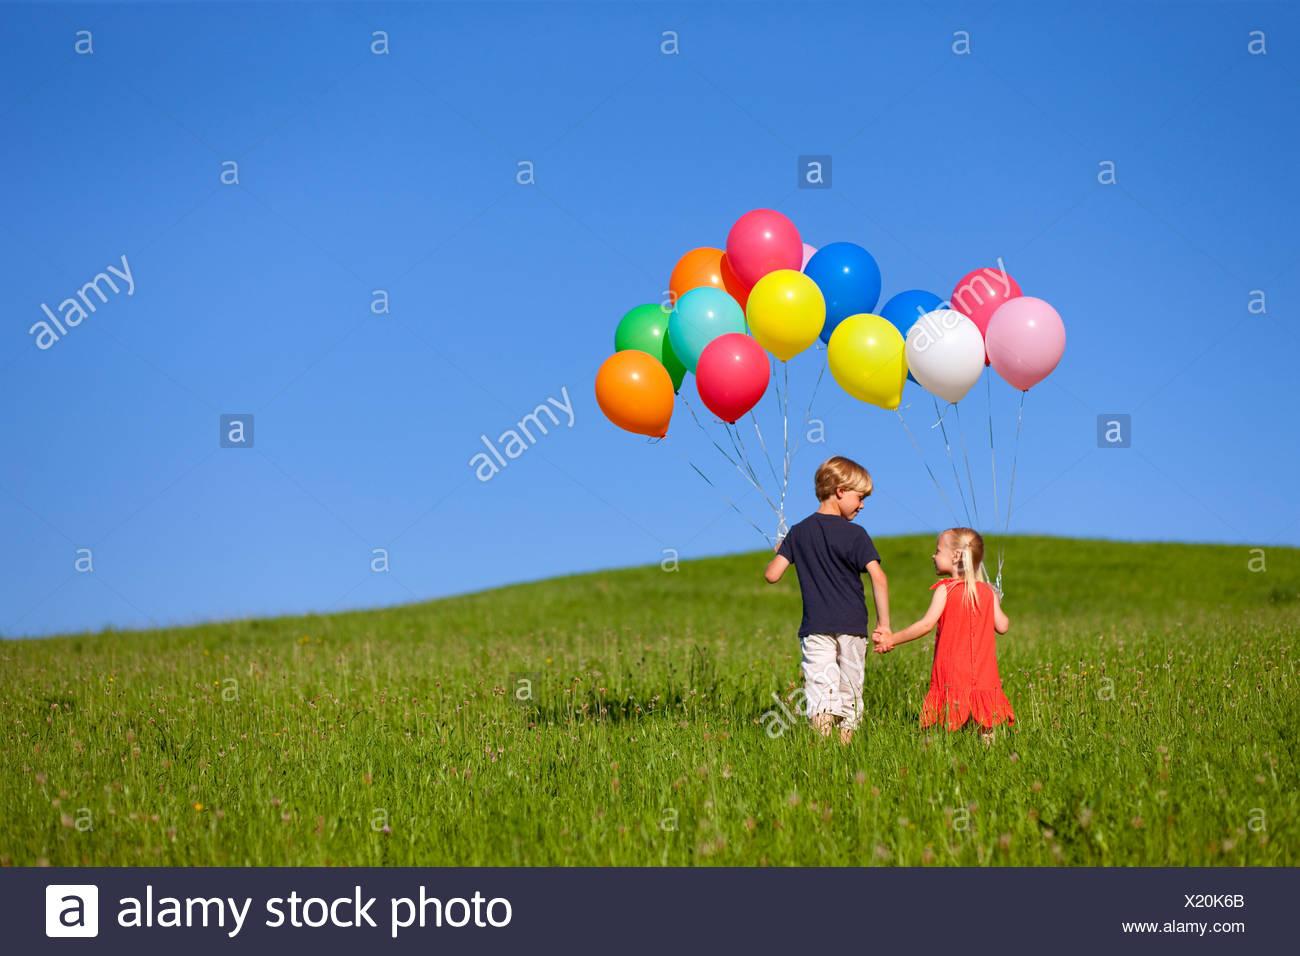 Kinder mit bunten Luftballons in Rasen Stockbild